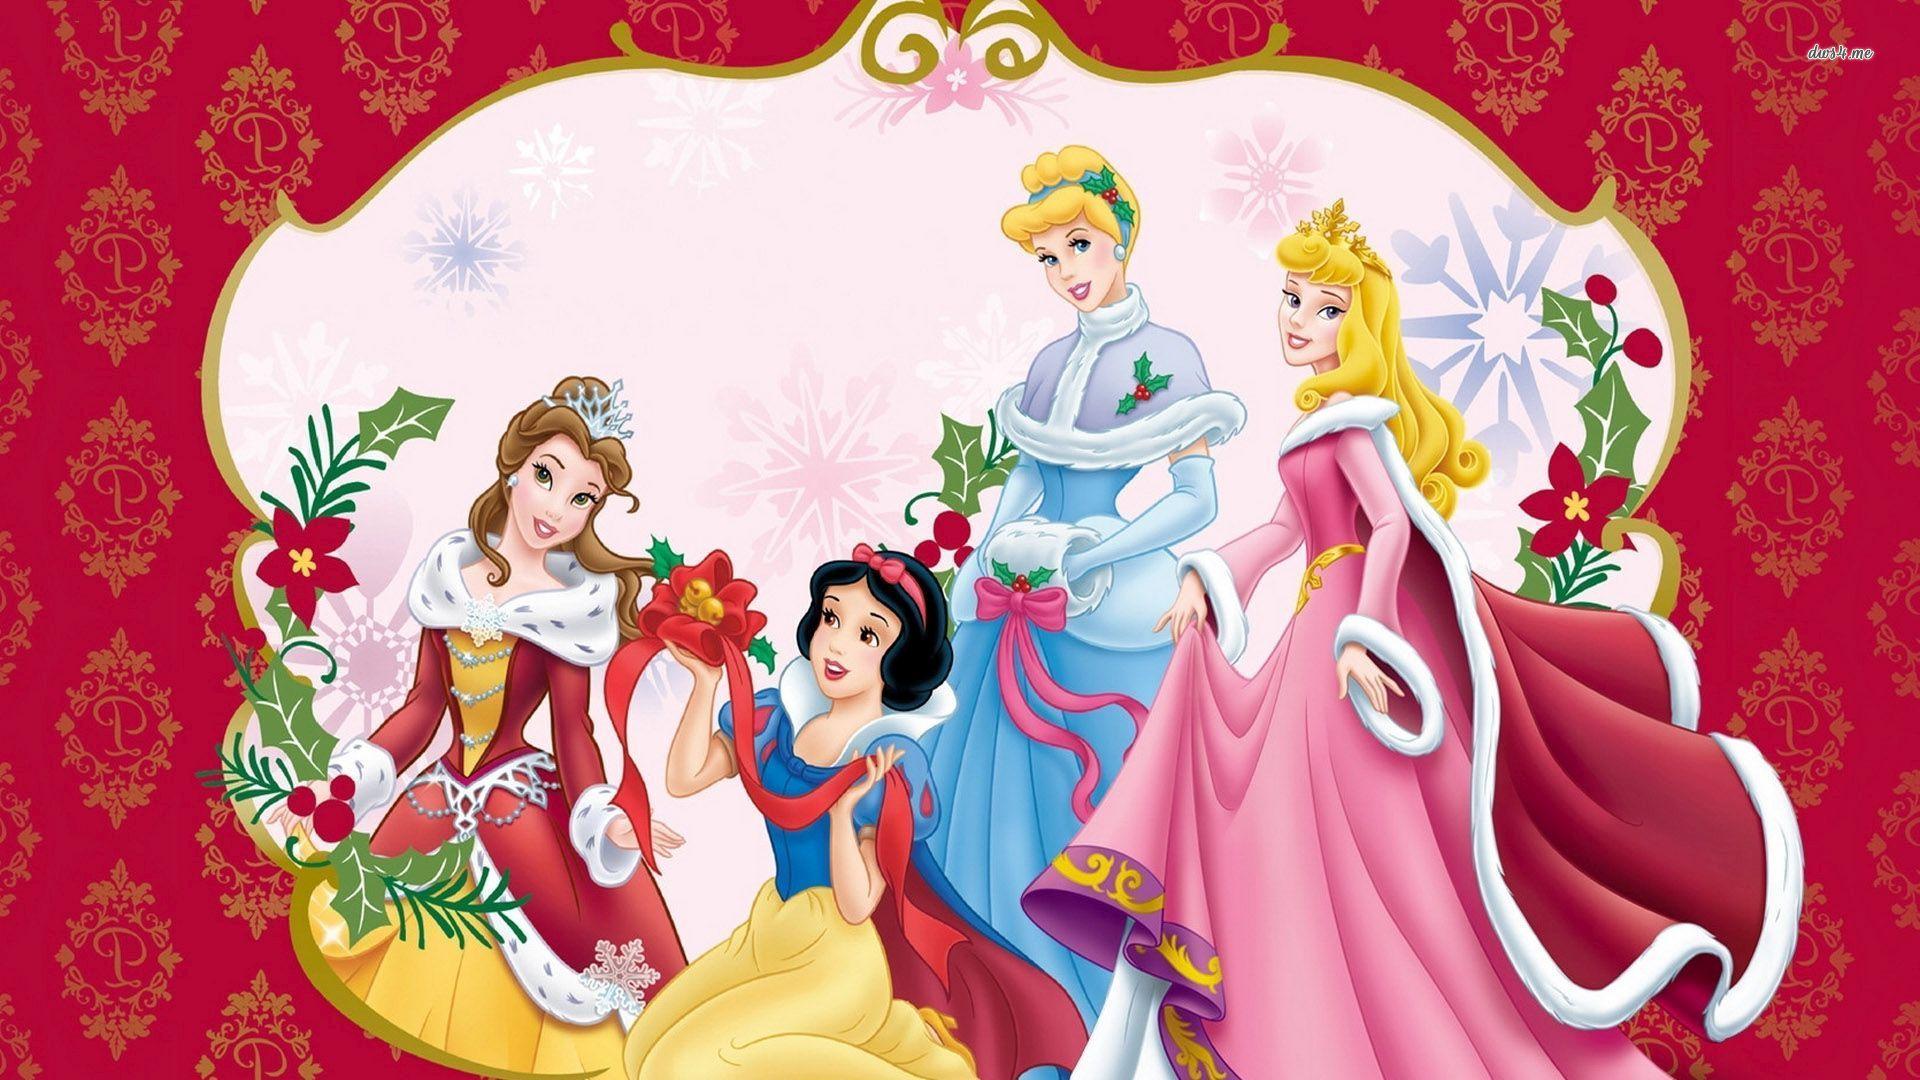 Disney Princesses wallpaper 1280x800 Disney Princesses wallpaper 1920x1080